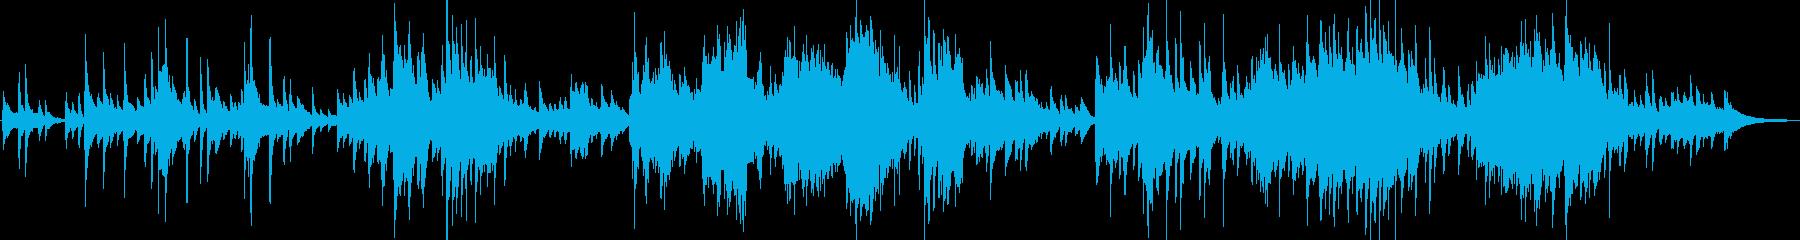 ディズニーの名曲をソロピアノアレンジの再生済みの波形